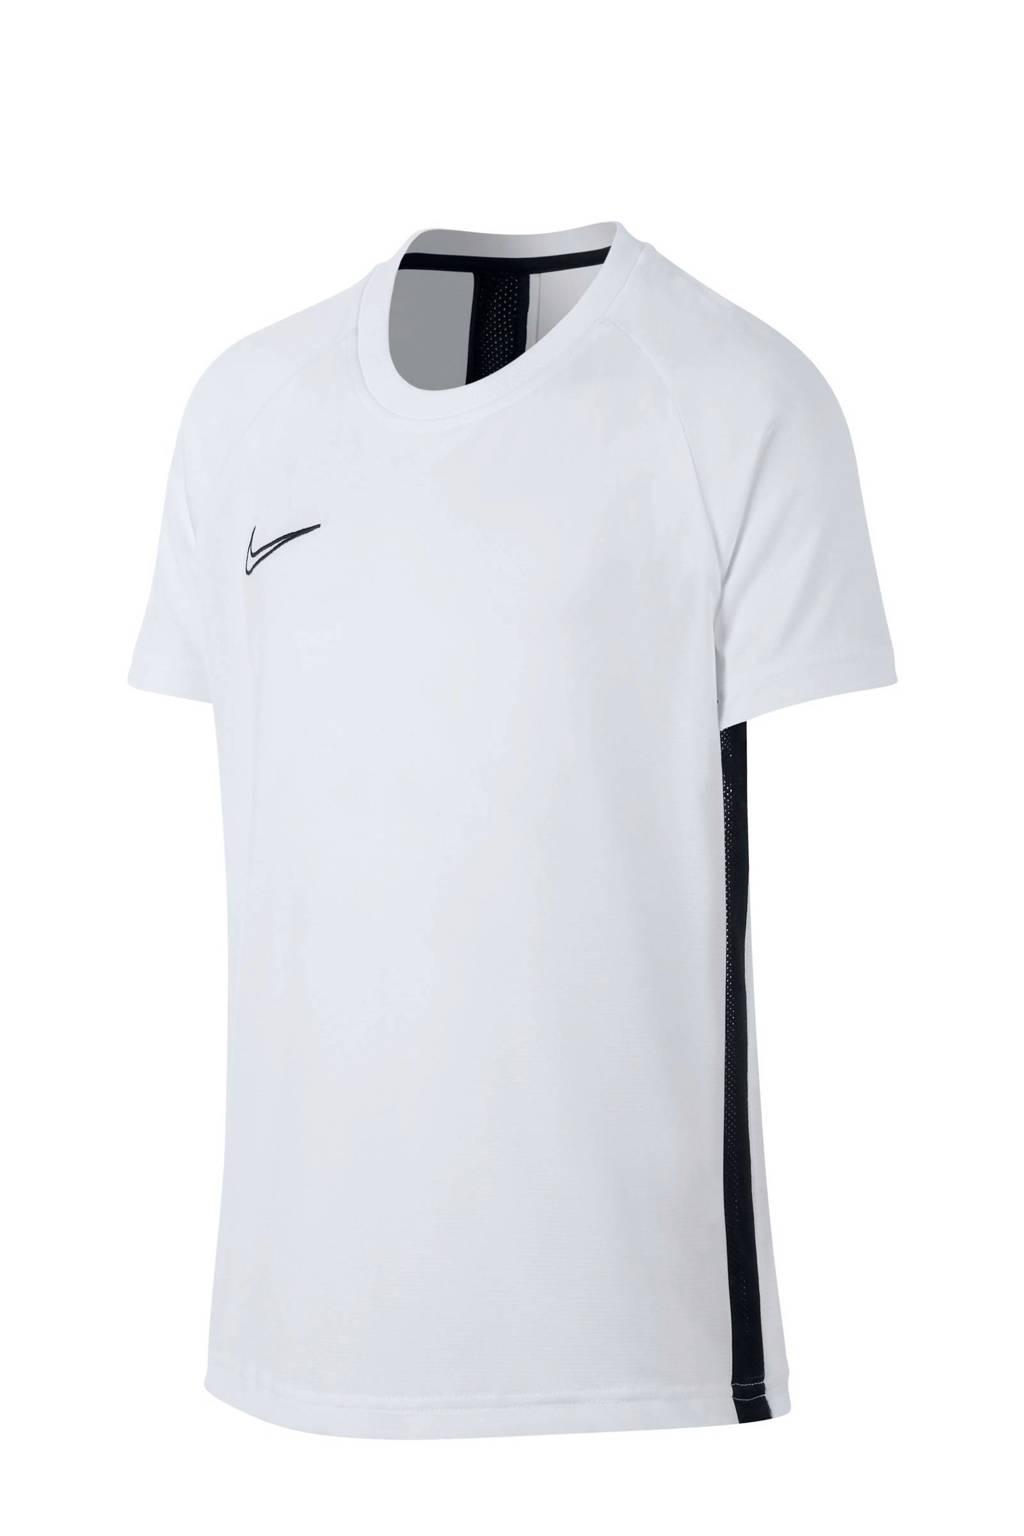 Nike Junior  voetbalshirt wit/zwart, Wit/zwart